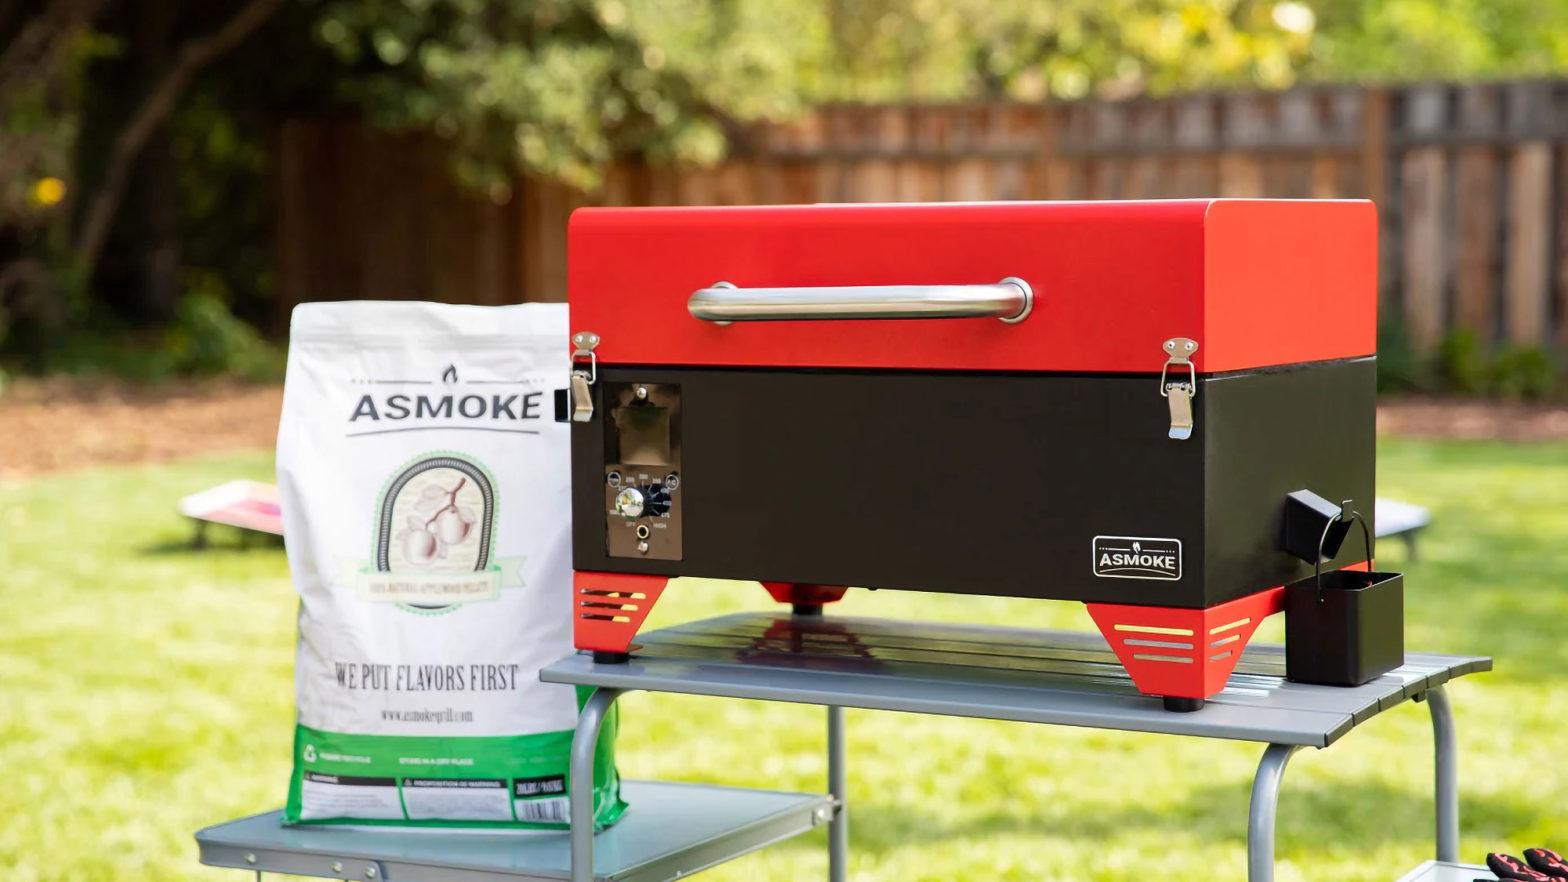 Asmoke Portable Applewood Pellet Grill